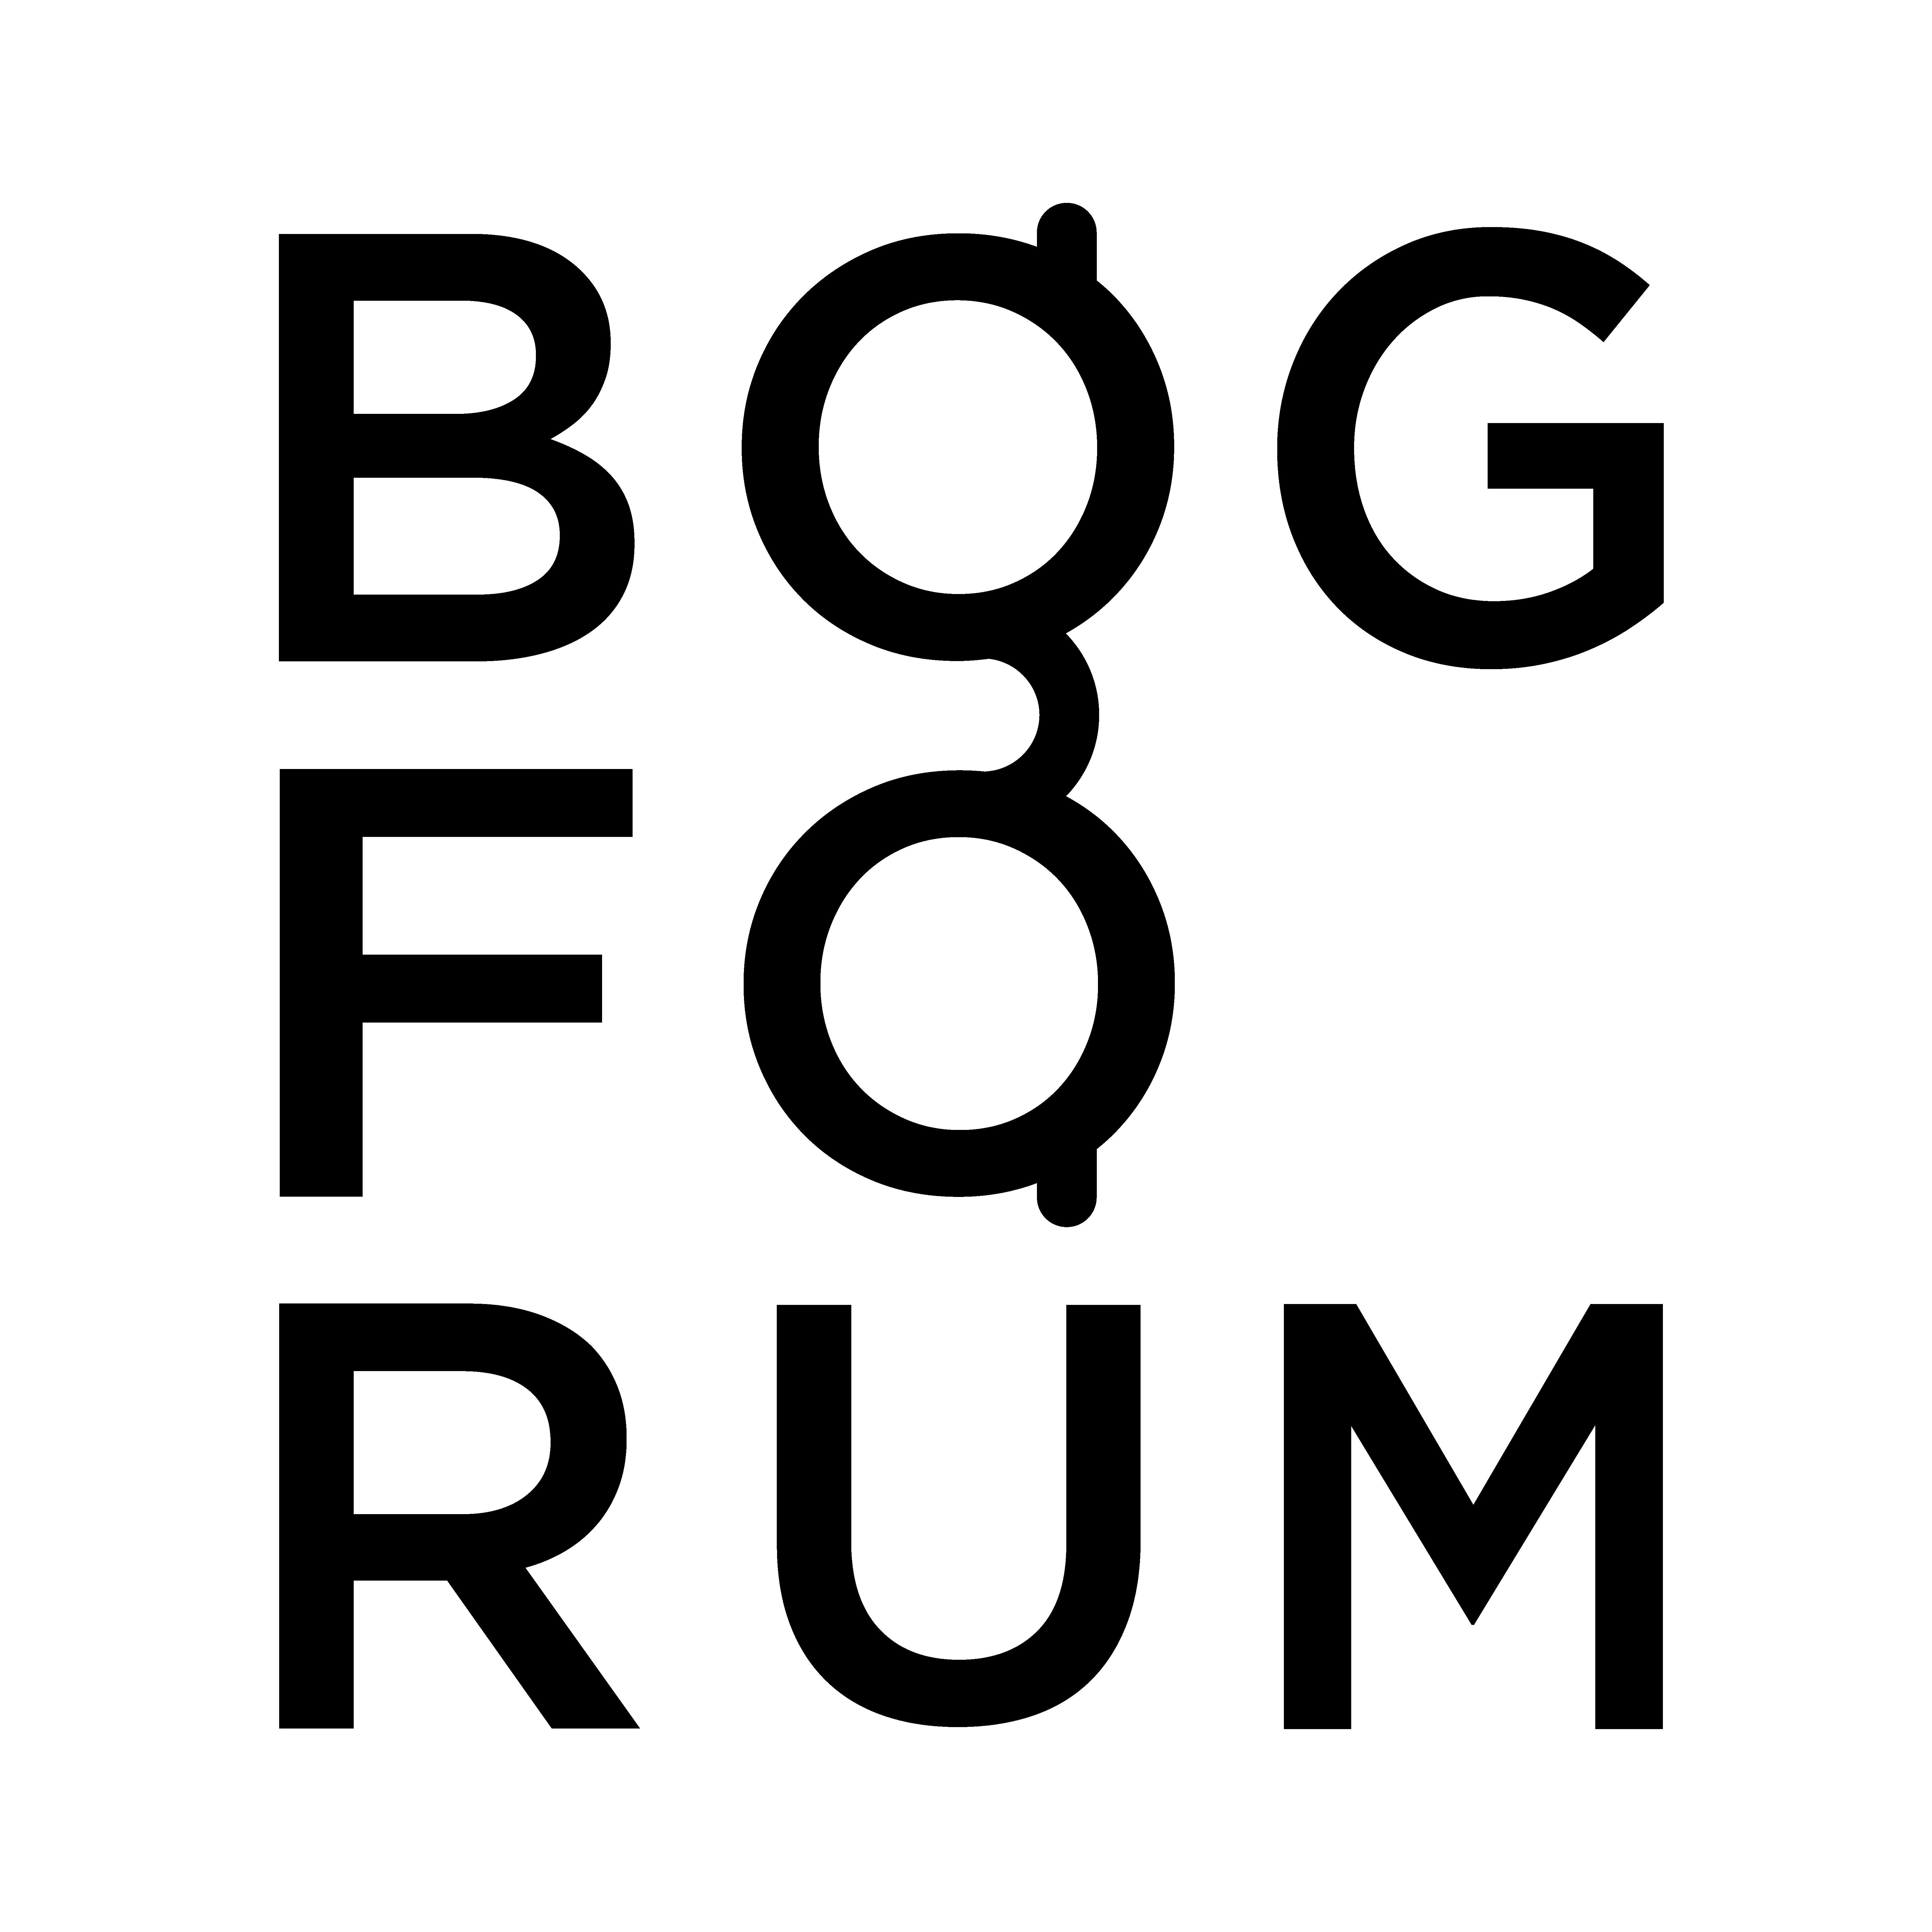 Logo, alternatively